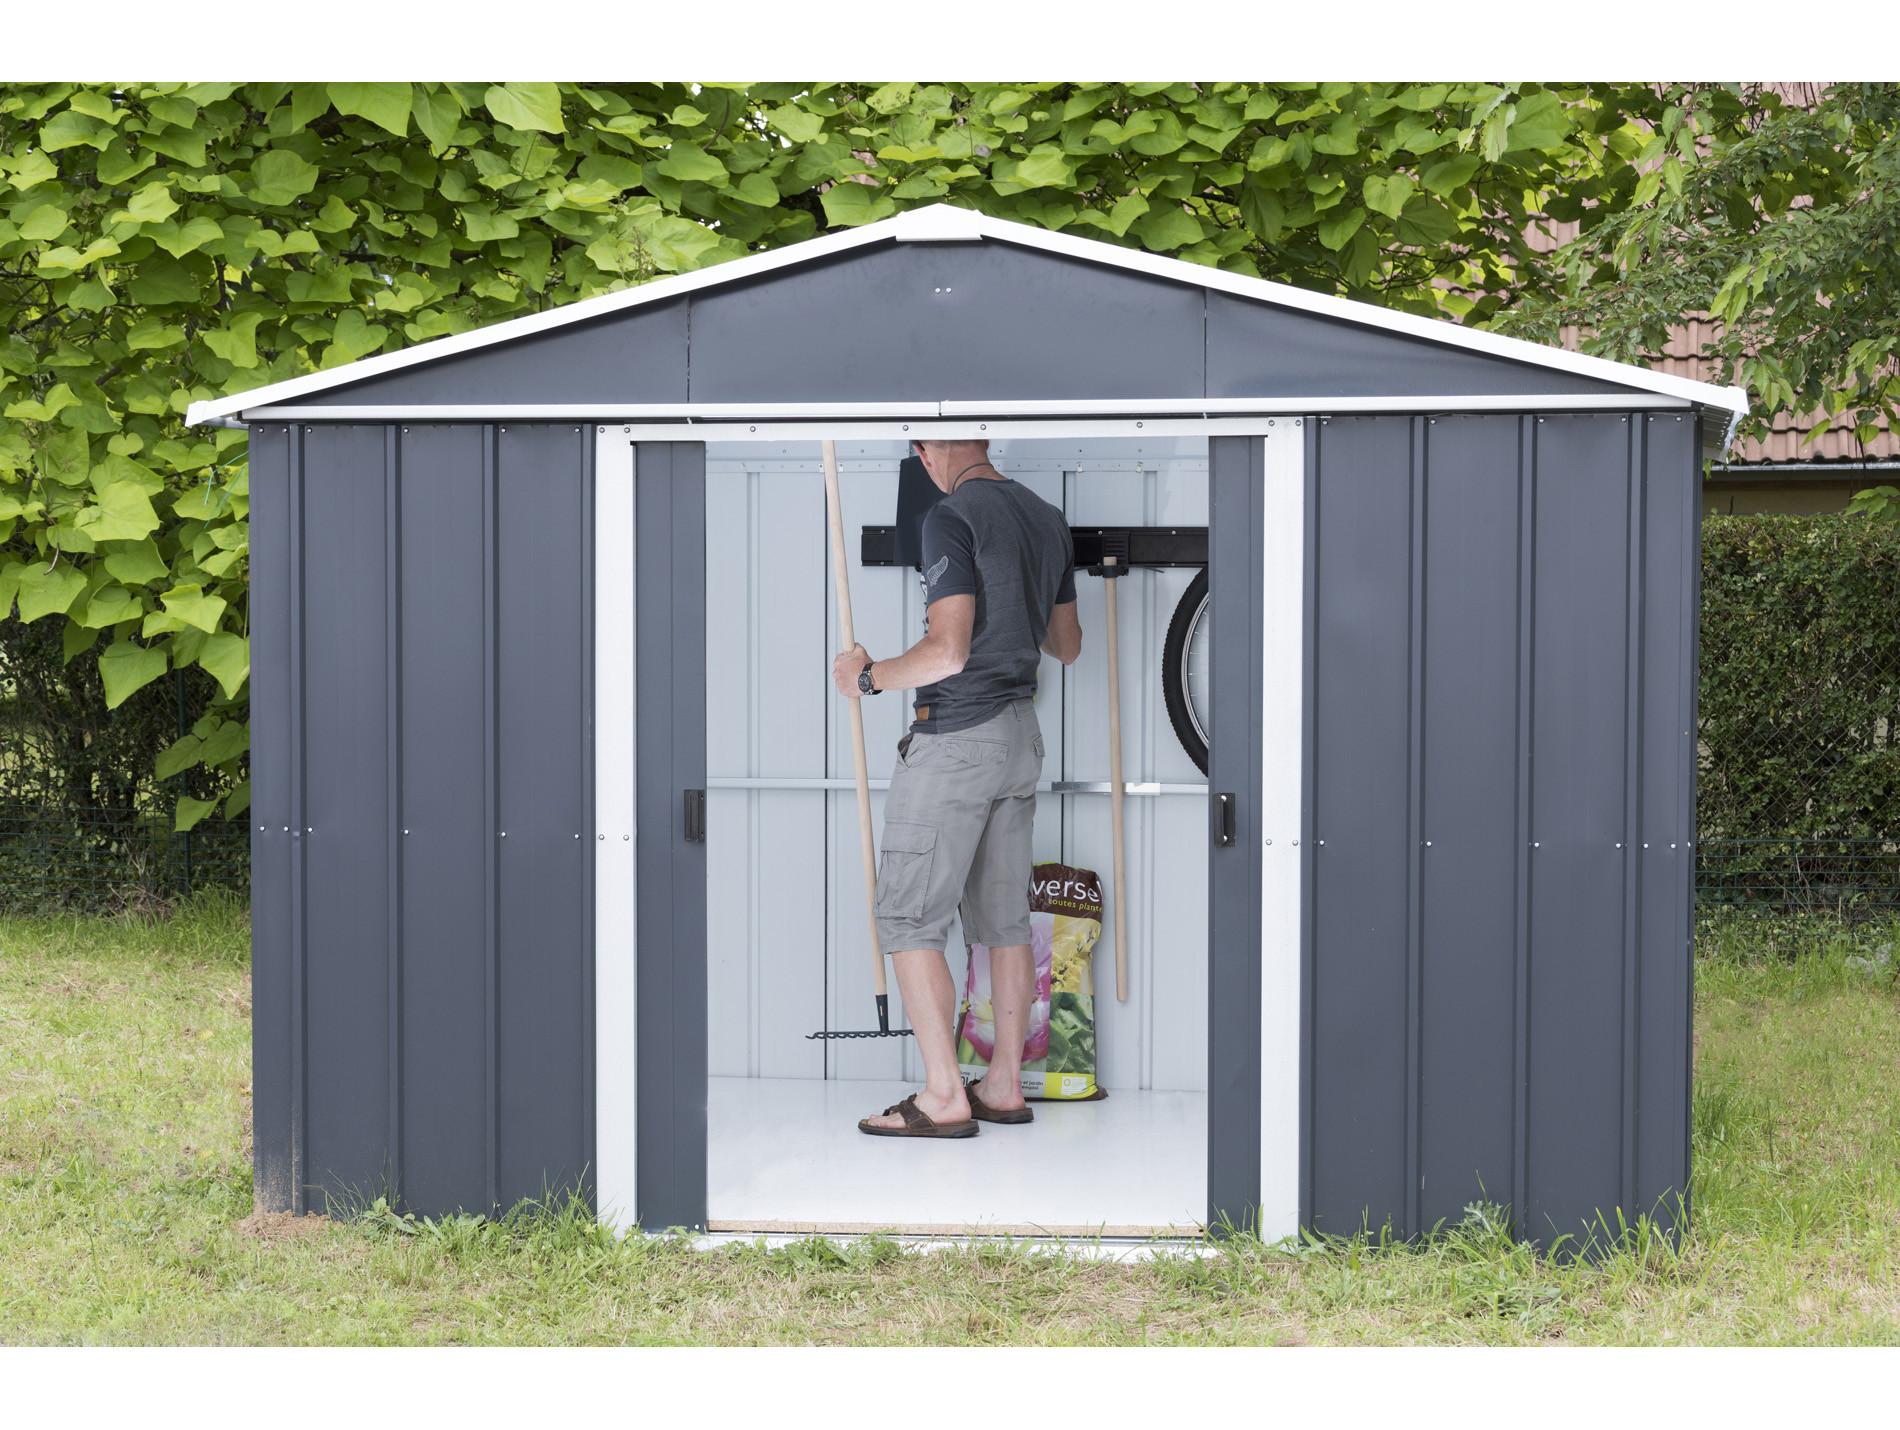 Abri De Jardin Composite abri de jardin métal yardmaster gris anthracite 7,18 m²